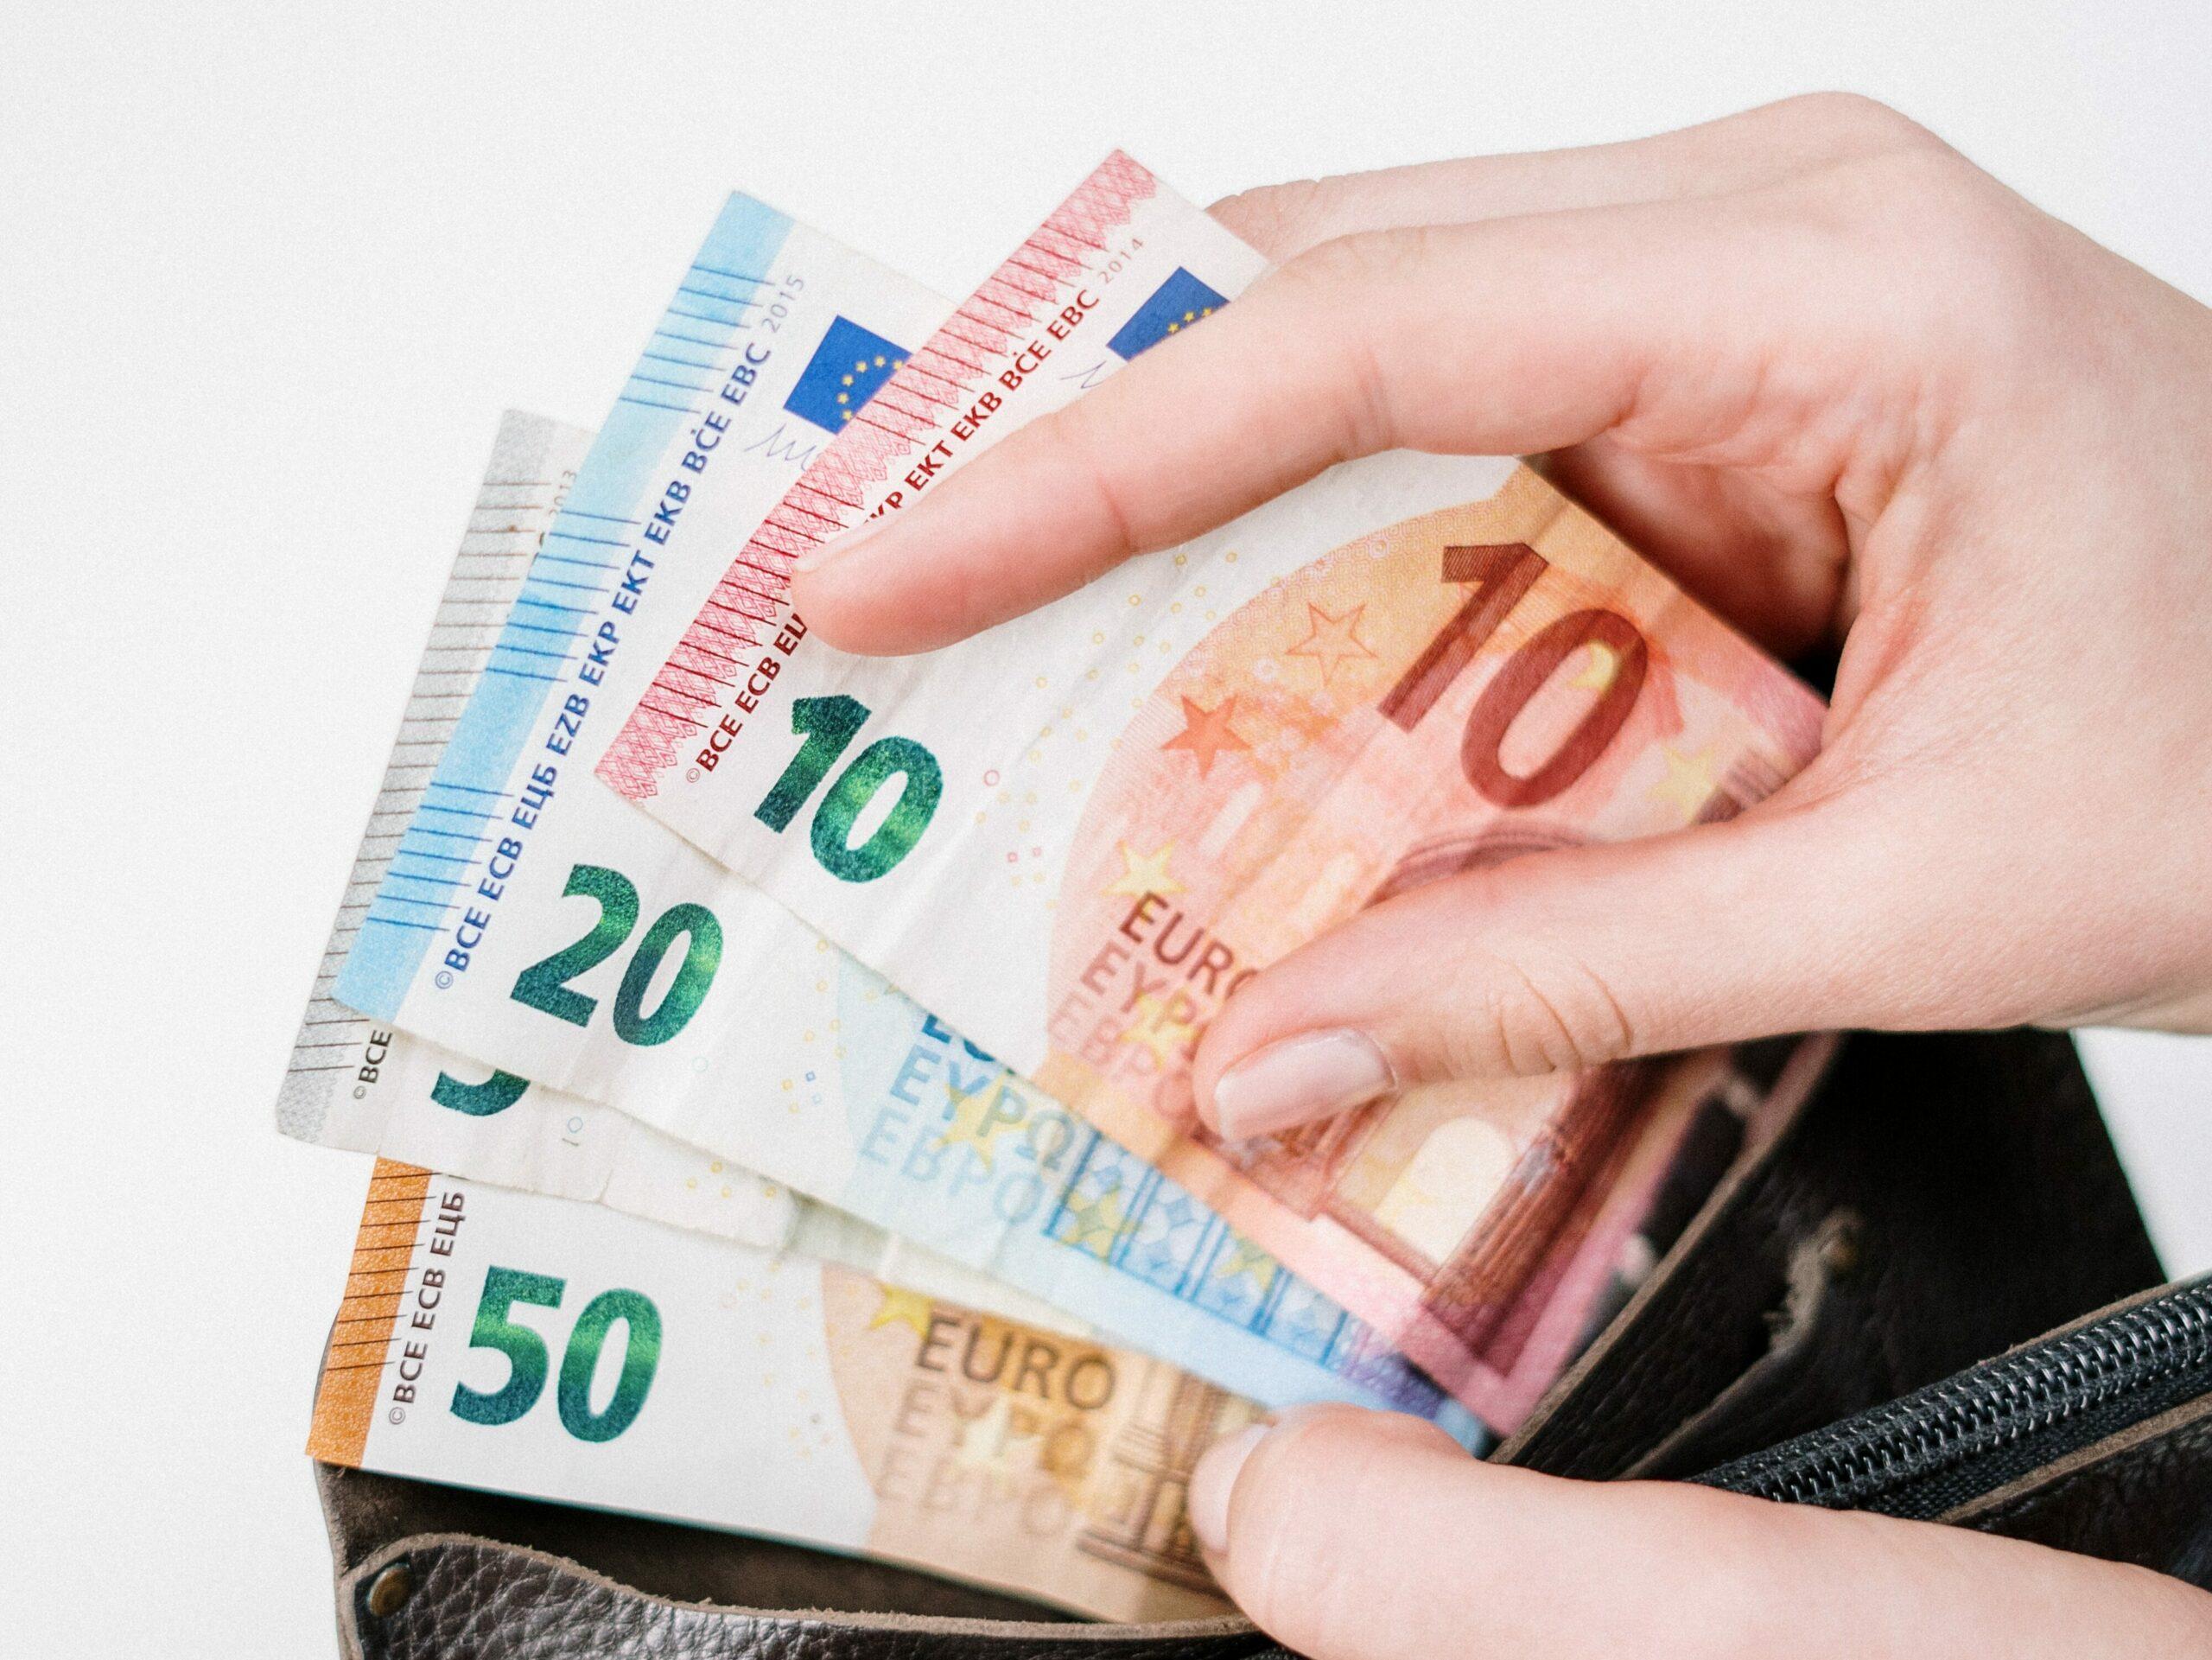 Umgang mit Geld